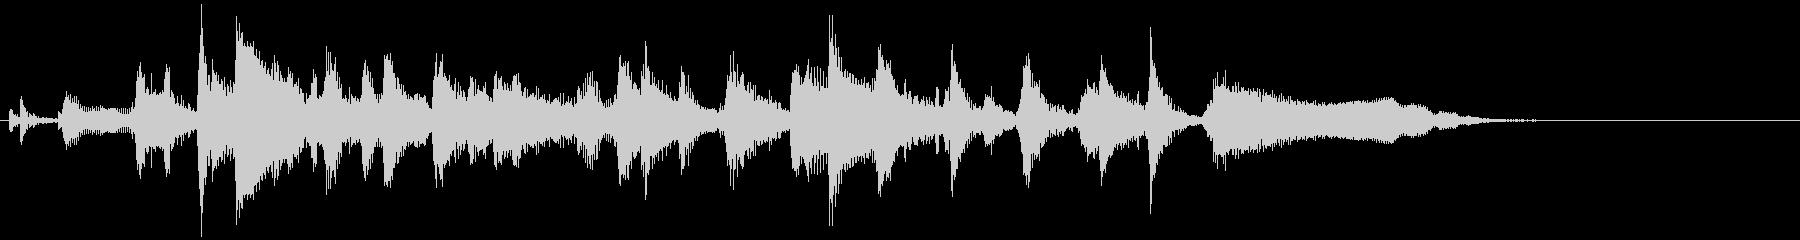 ジャズトロンボーンのおしゃれなジングルの未再生の波形